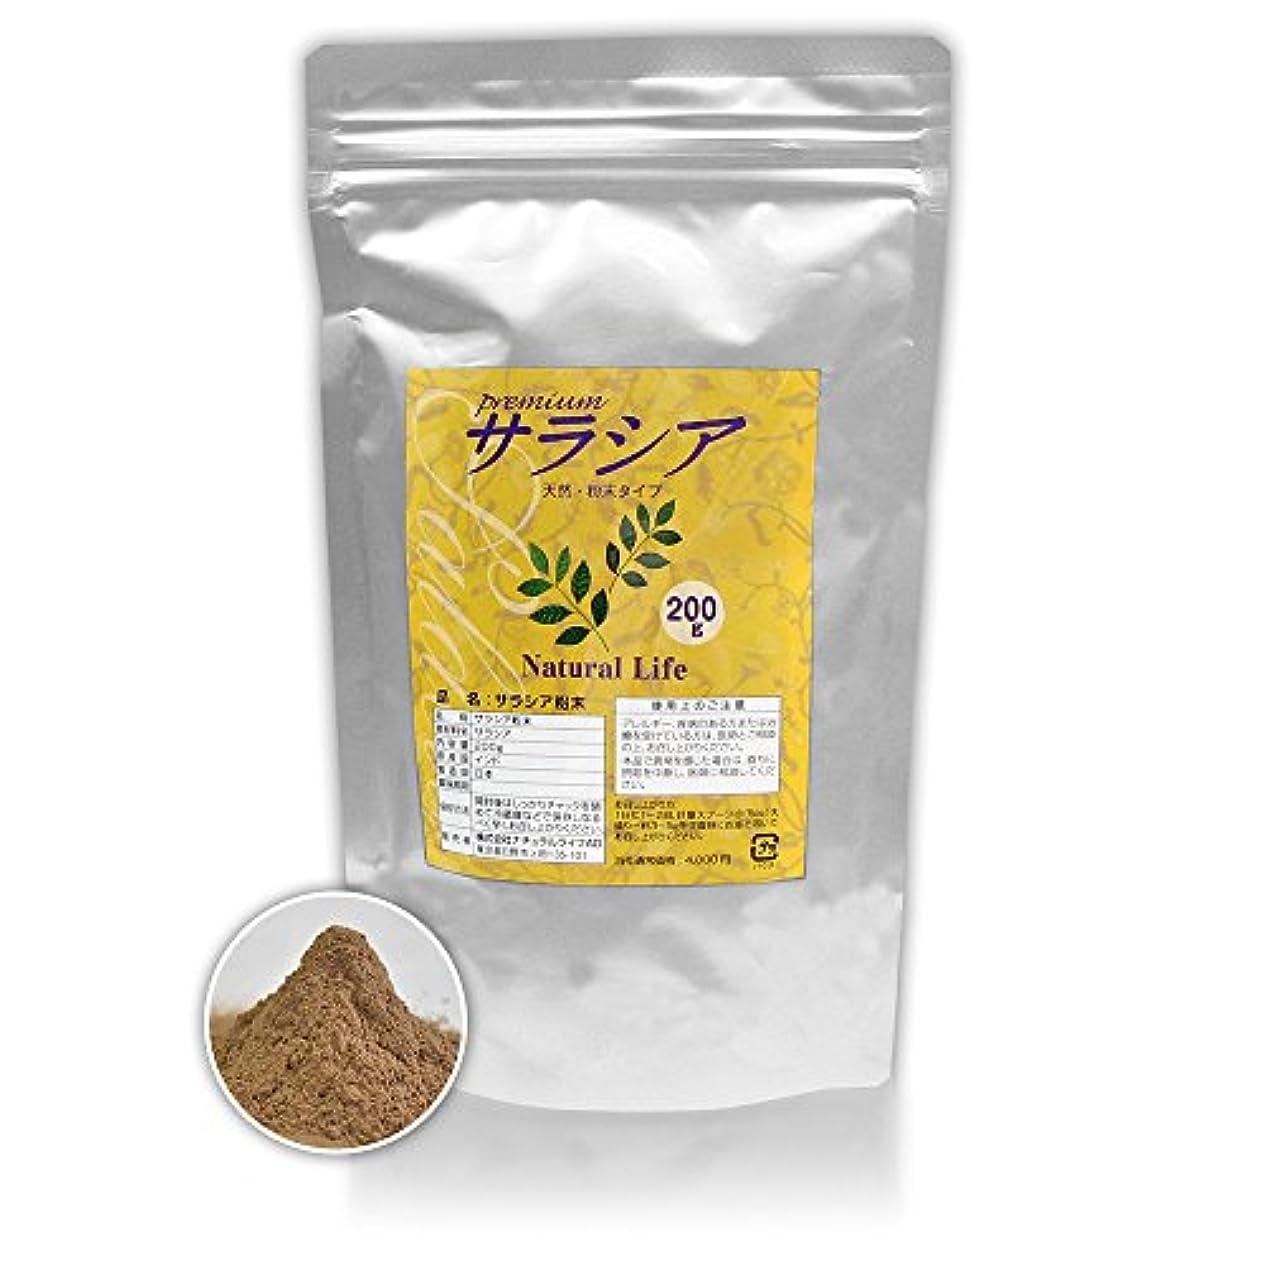 テザービルダー墓サラシア粉末[200g]天然ピュア原料(無添加)健康食品(さらしあ,レティキュラータ)